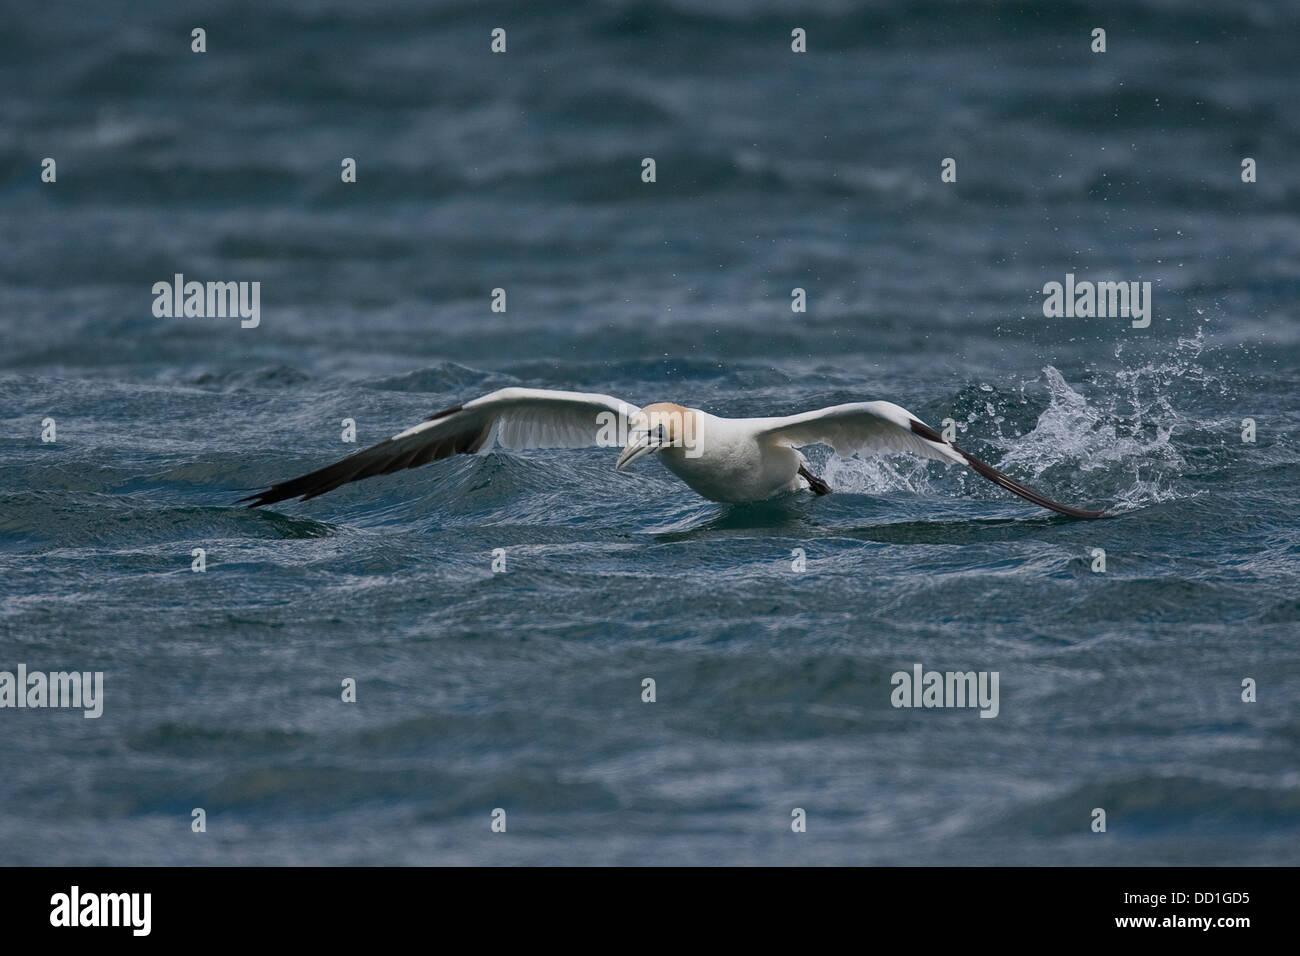 Northern gannet, cames out of water, Basstölpel, Baßtölpel, auftauchend, Tölpel, Sula bassana, - Stock Image